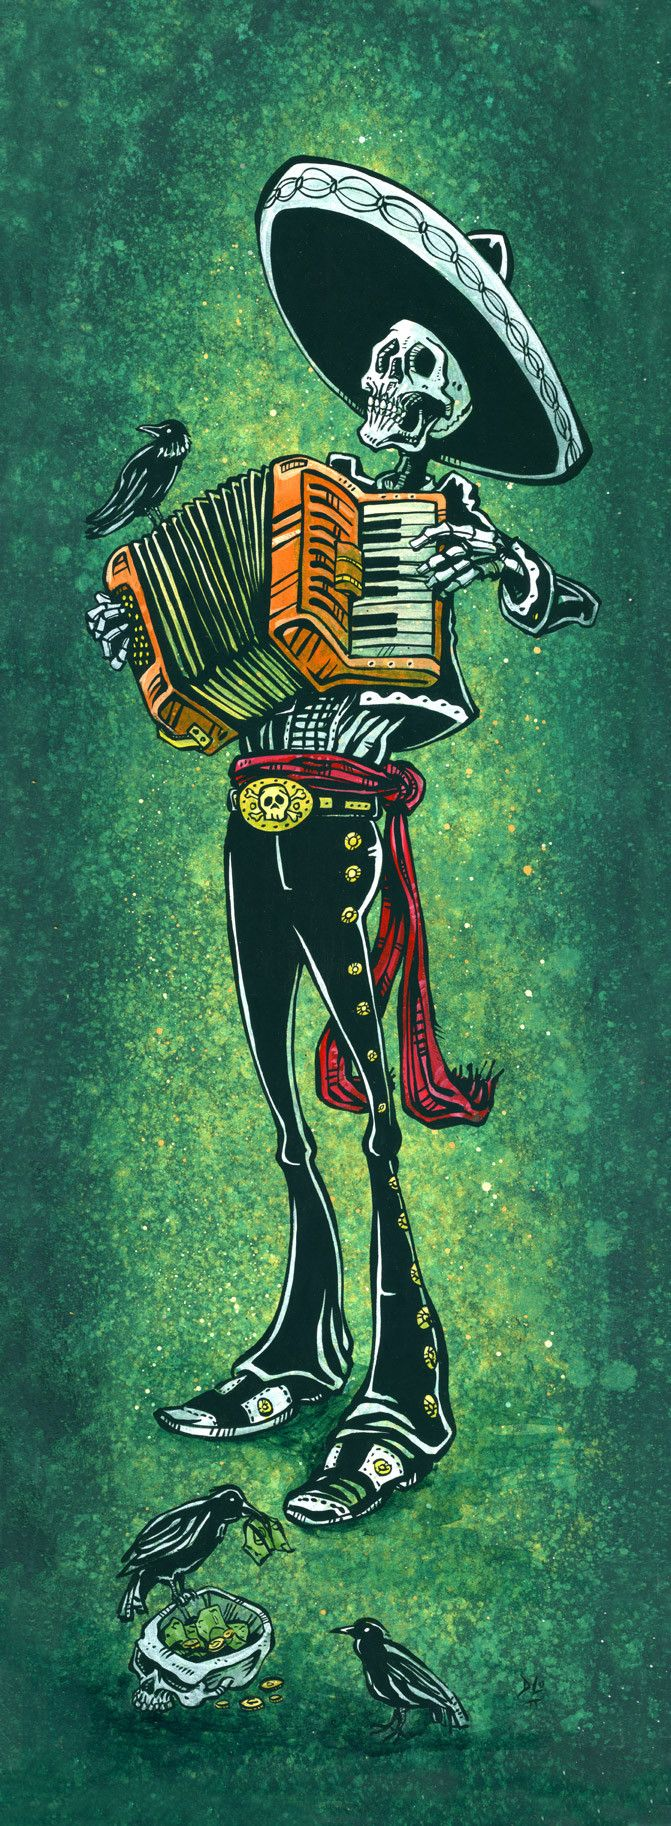 Day of the Dead Artist David Lozeau. Serenata para los muertos ambientada por cuervos